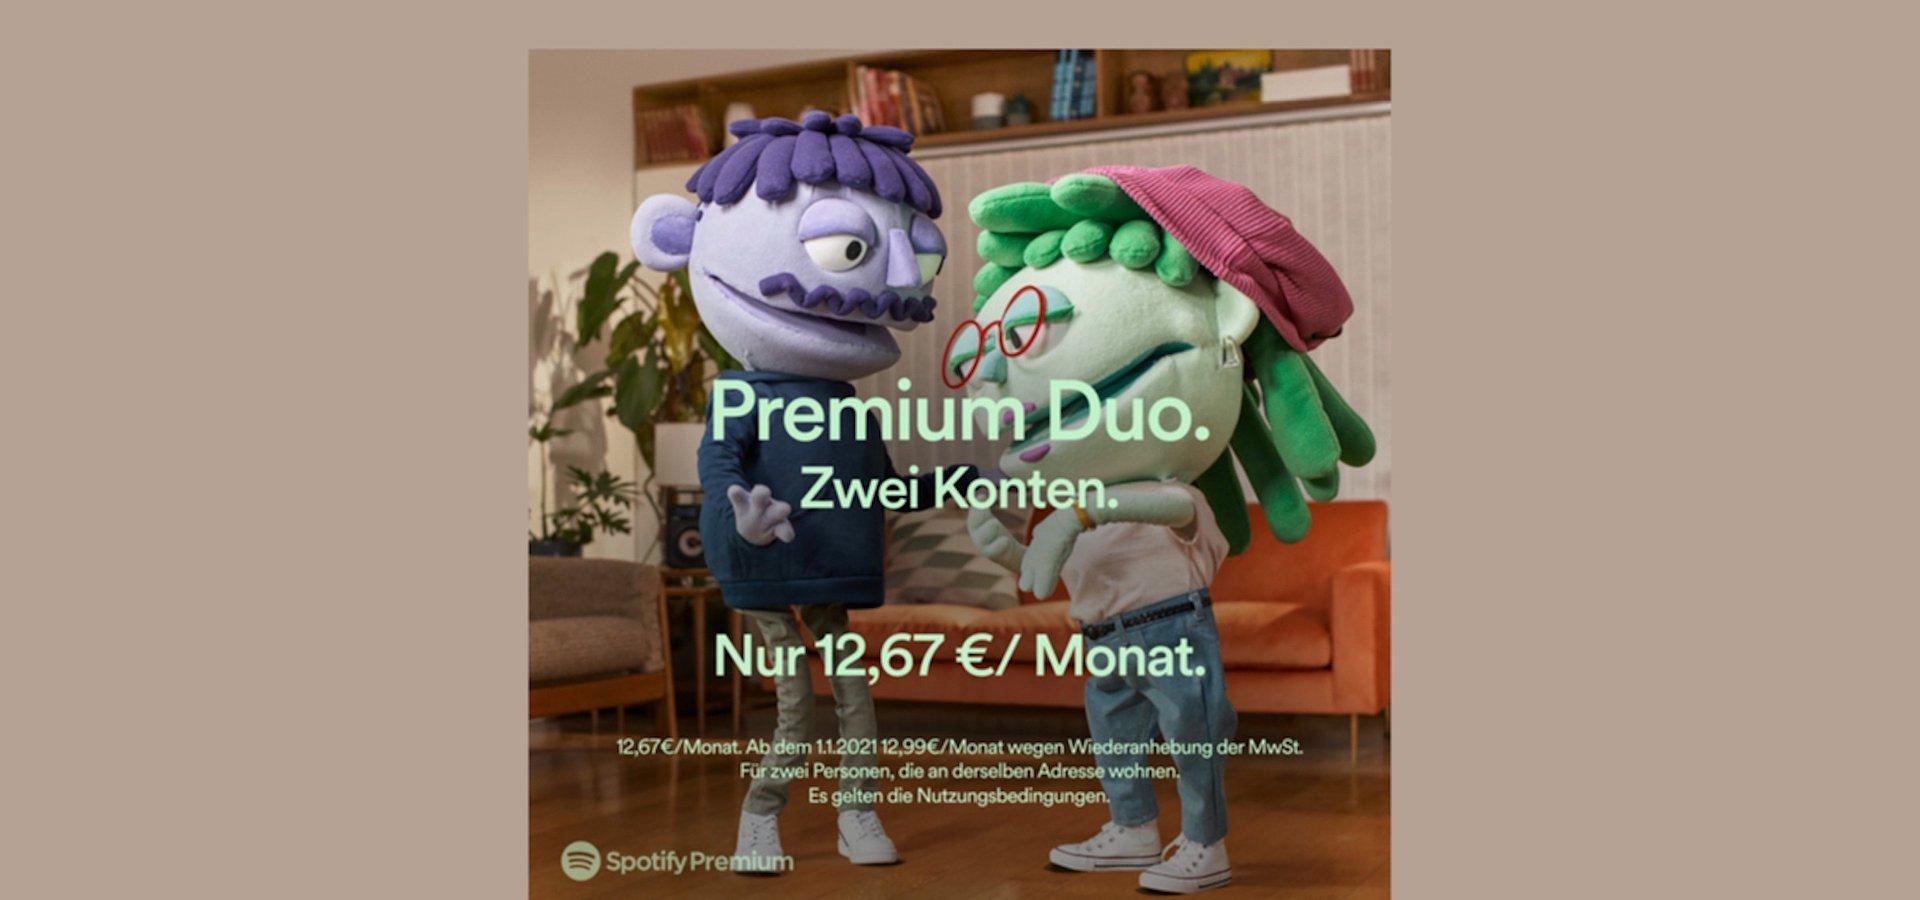 Spotify Premium Duo startet in Deutschland